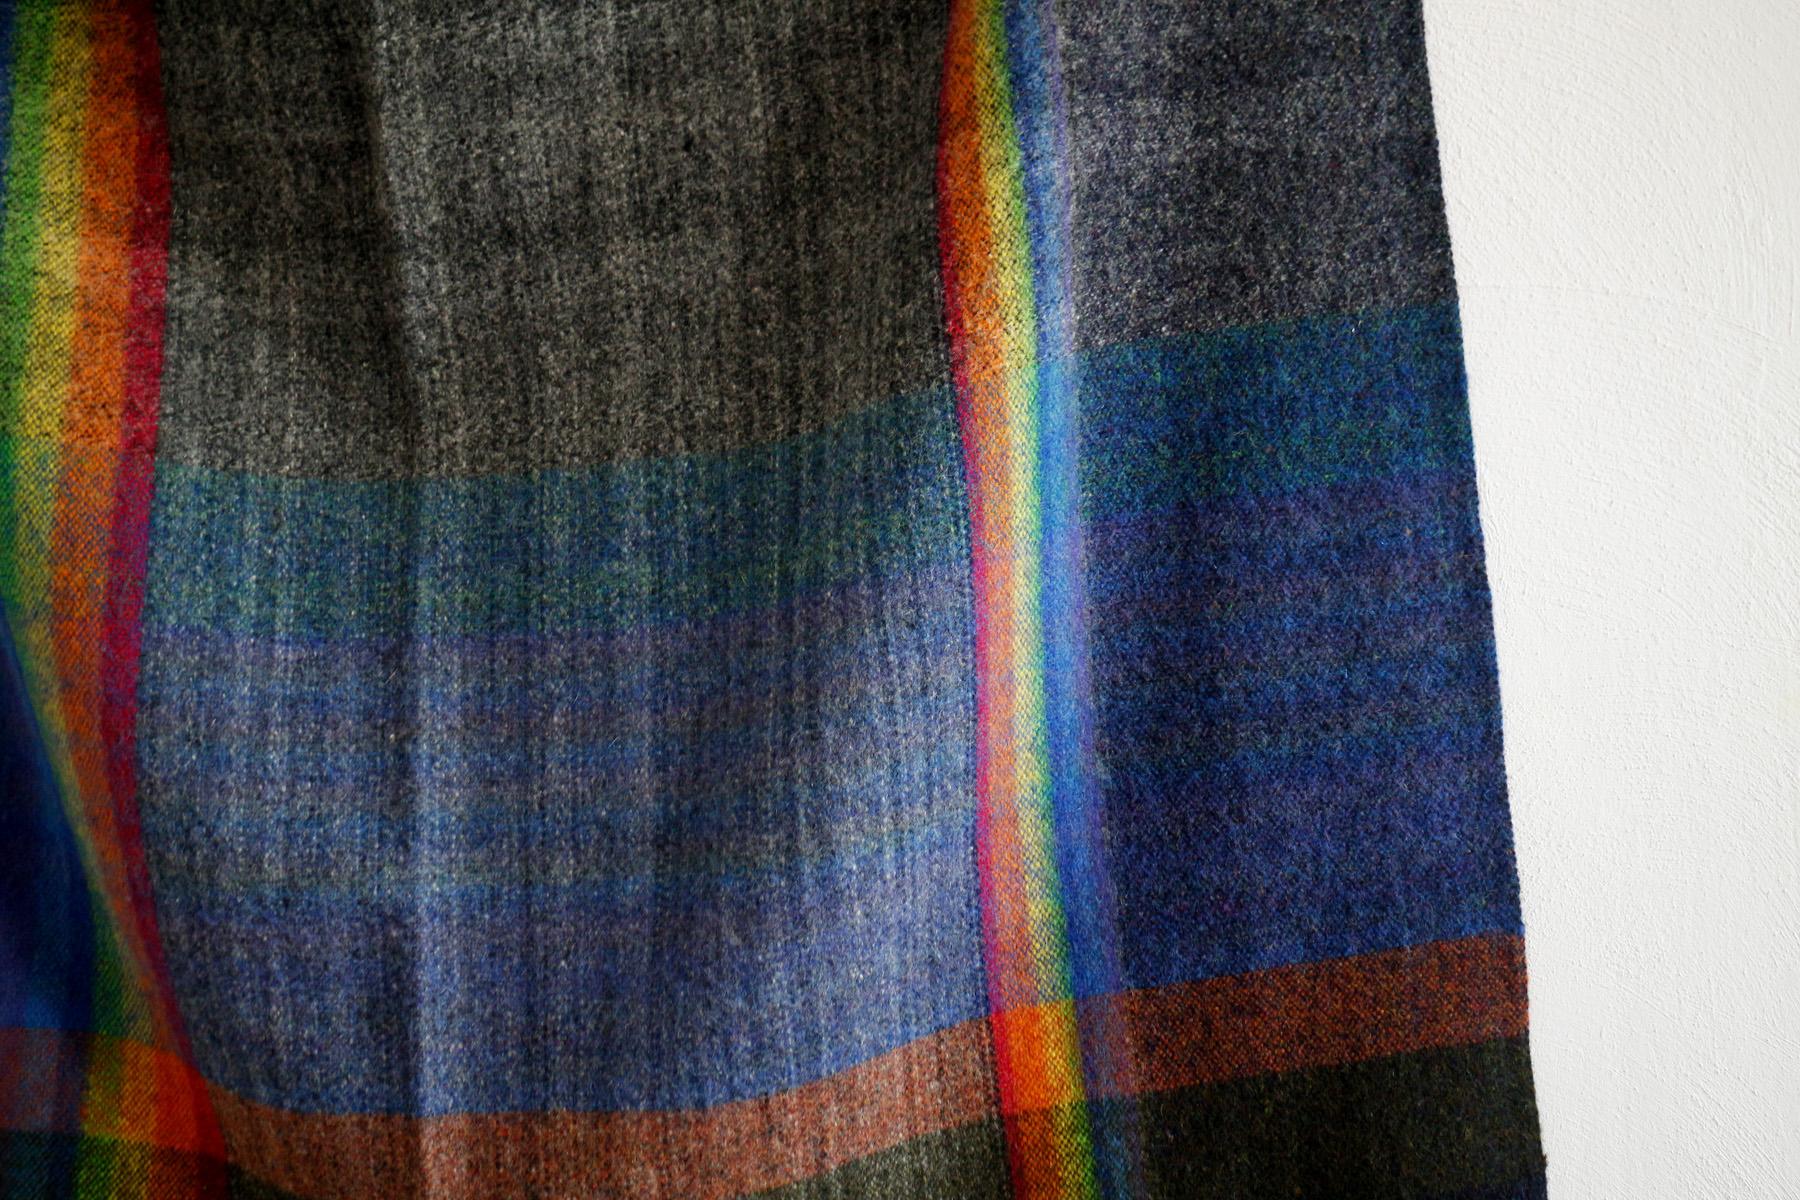 blanketstudio_6.12.15_004